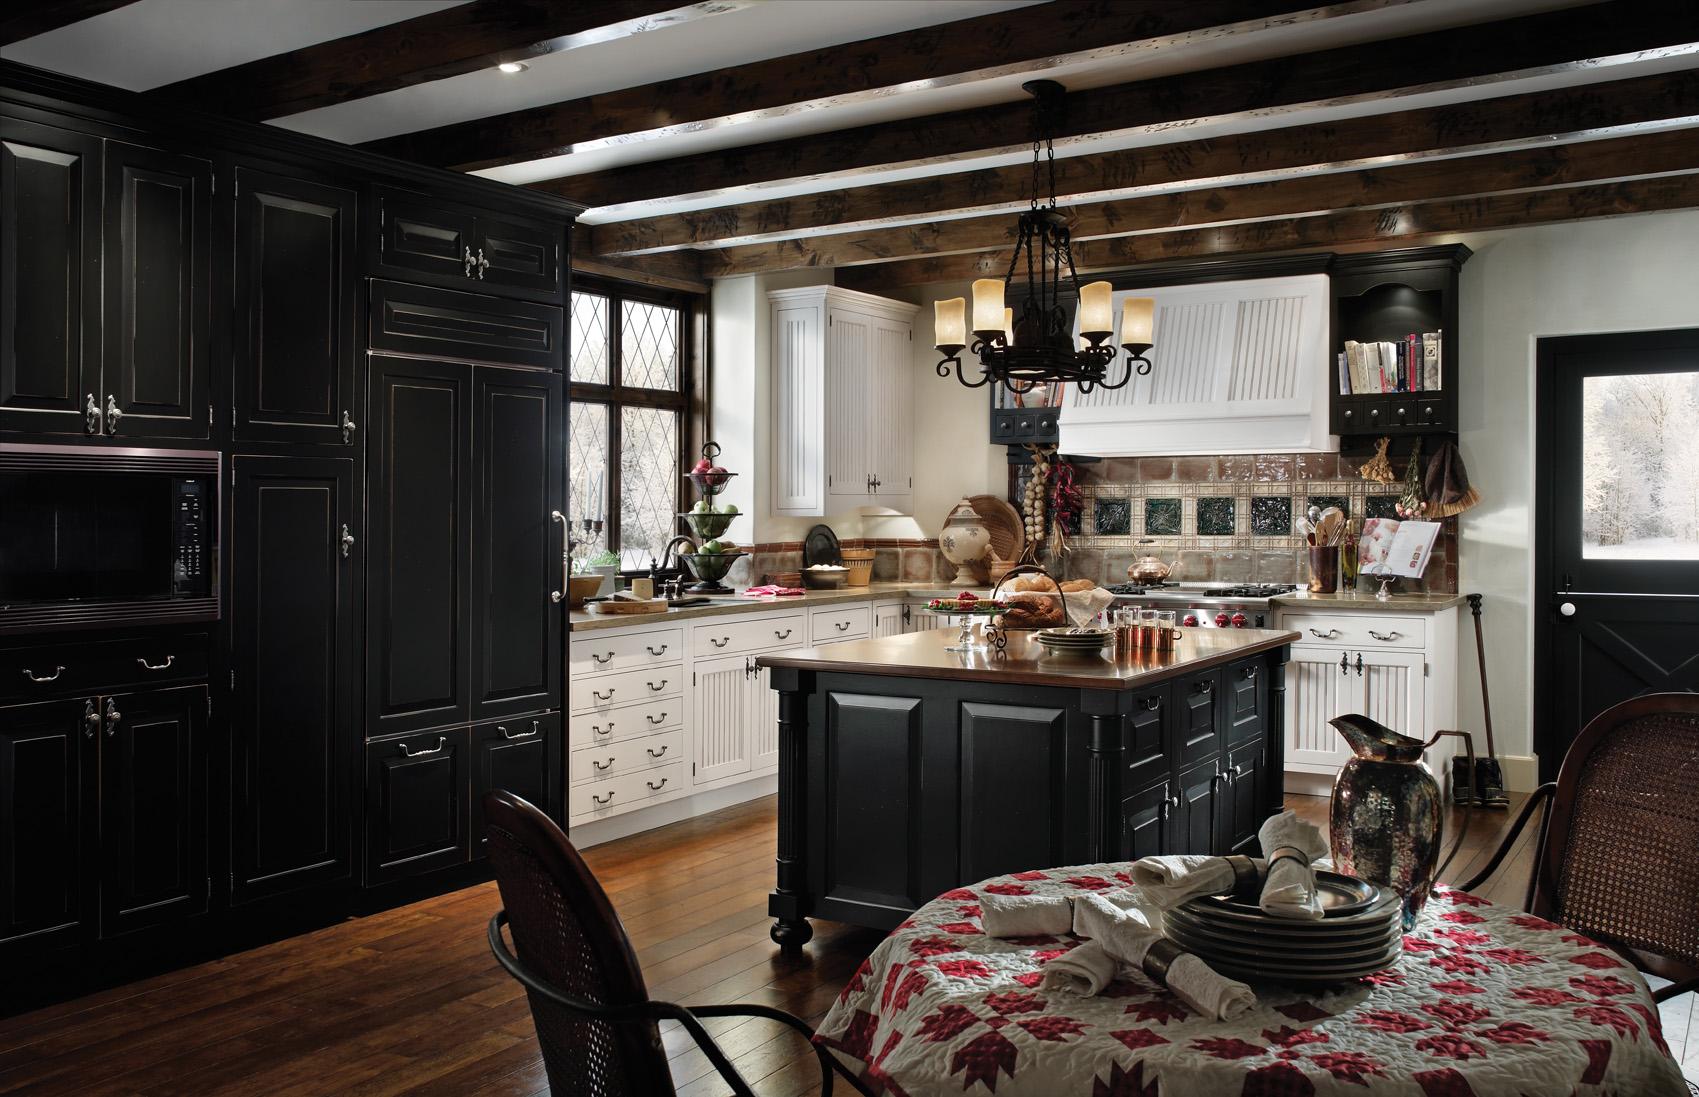 european inspirations kitchen remodeling tucson az European Country OO 1